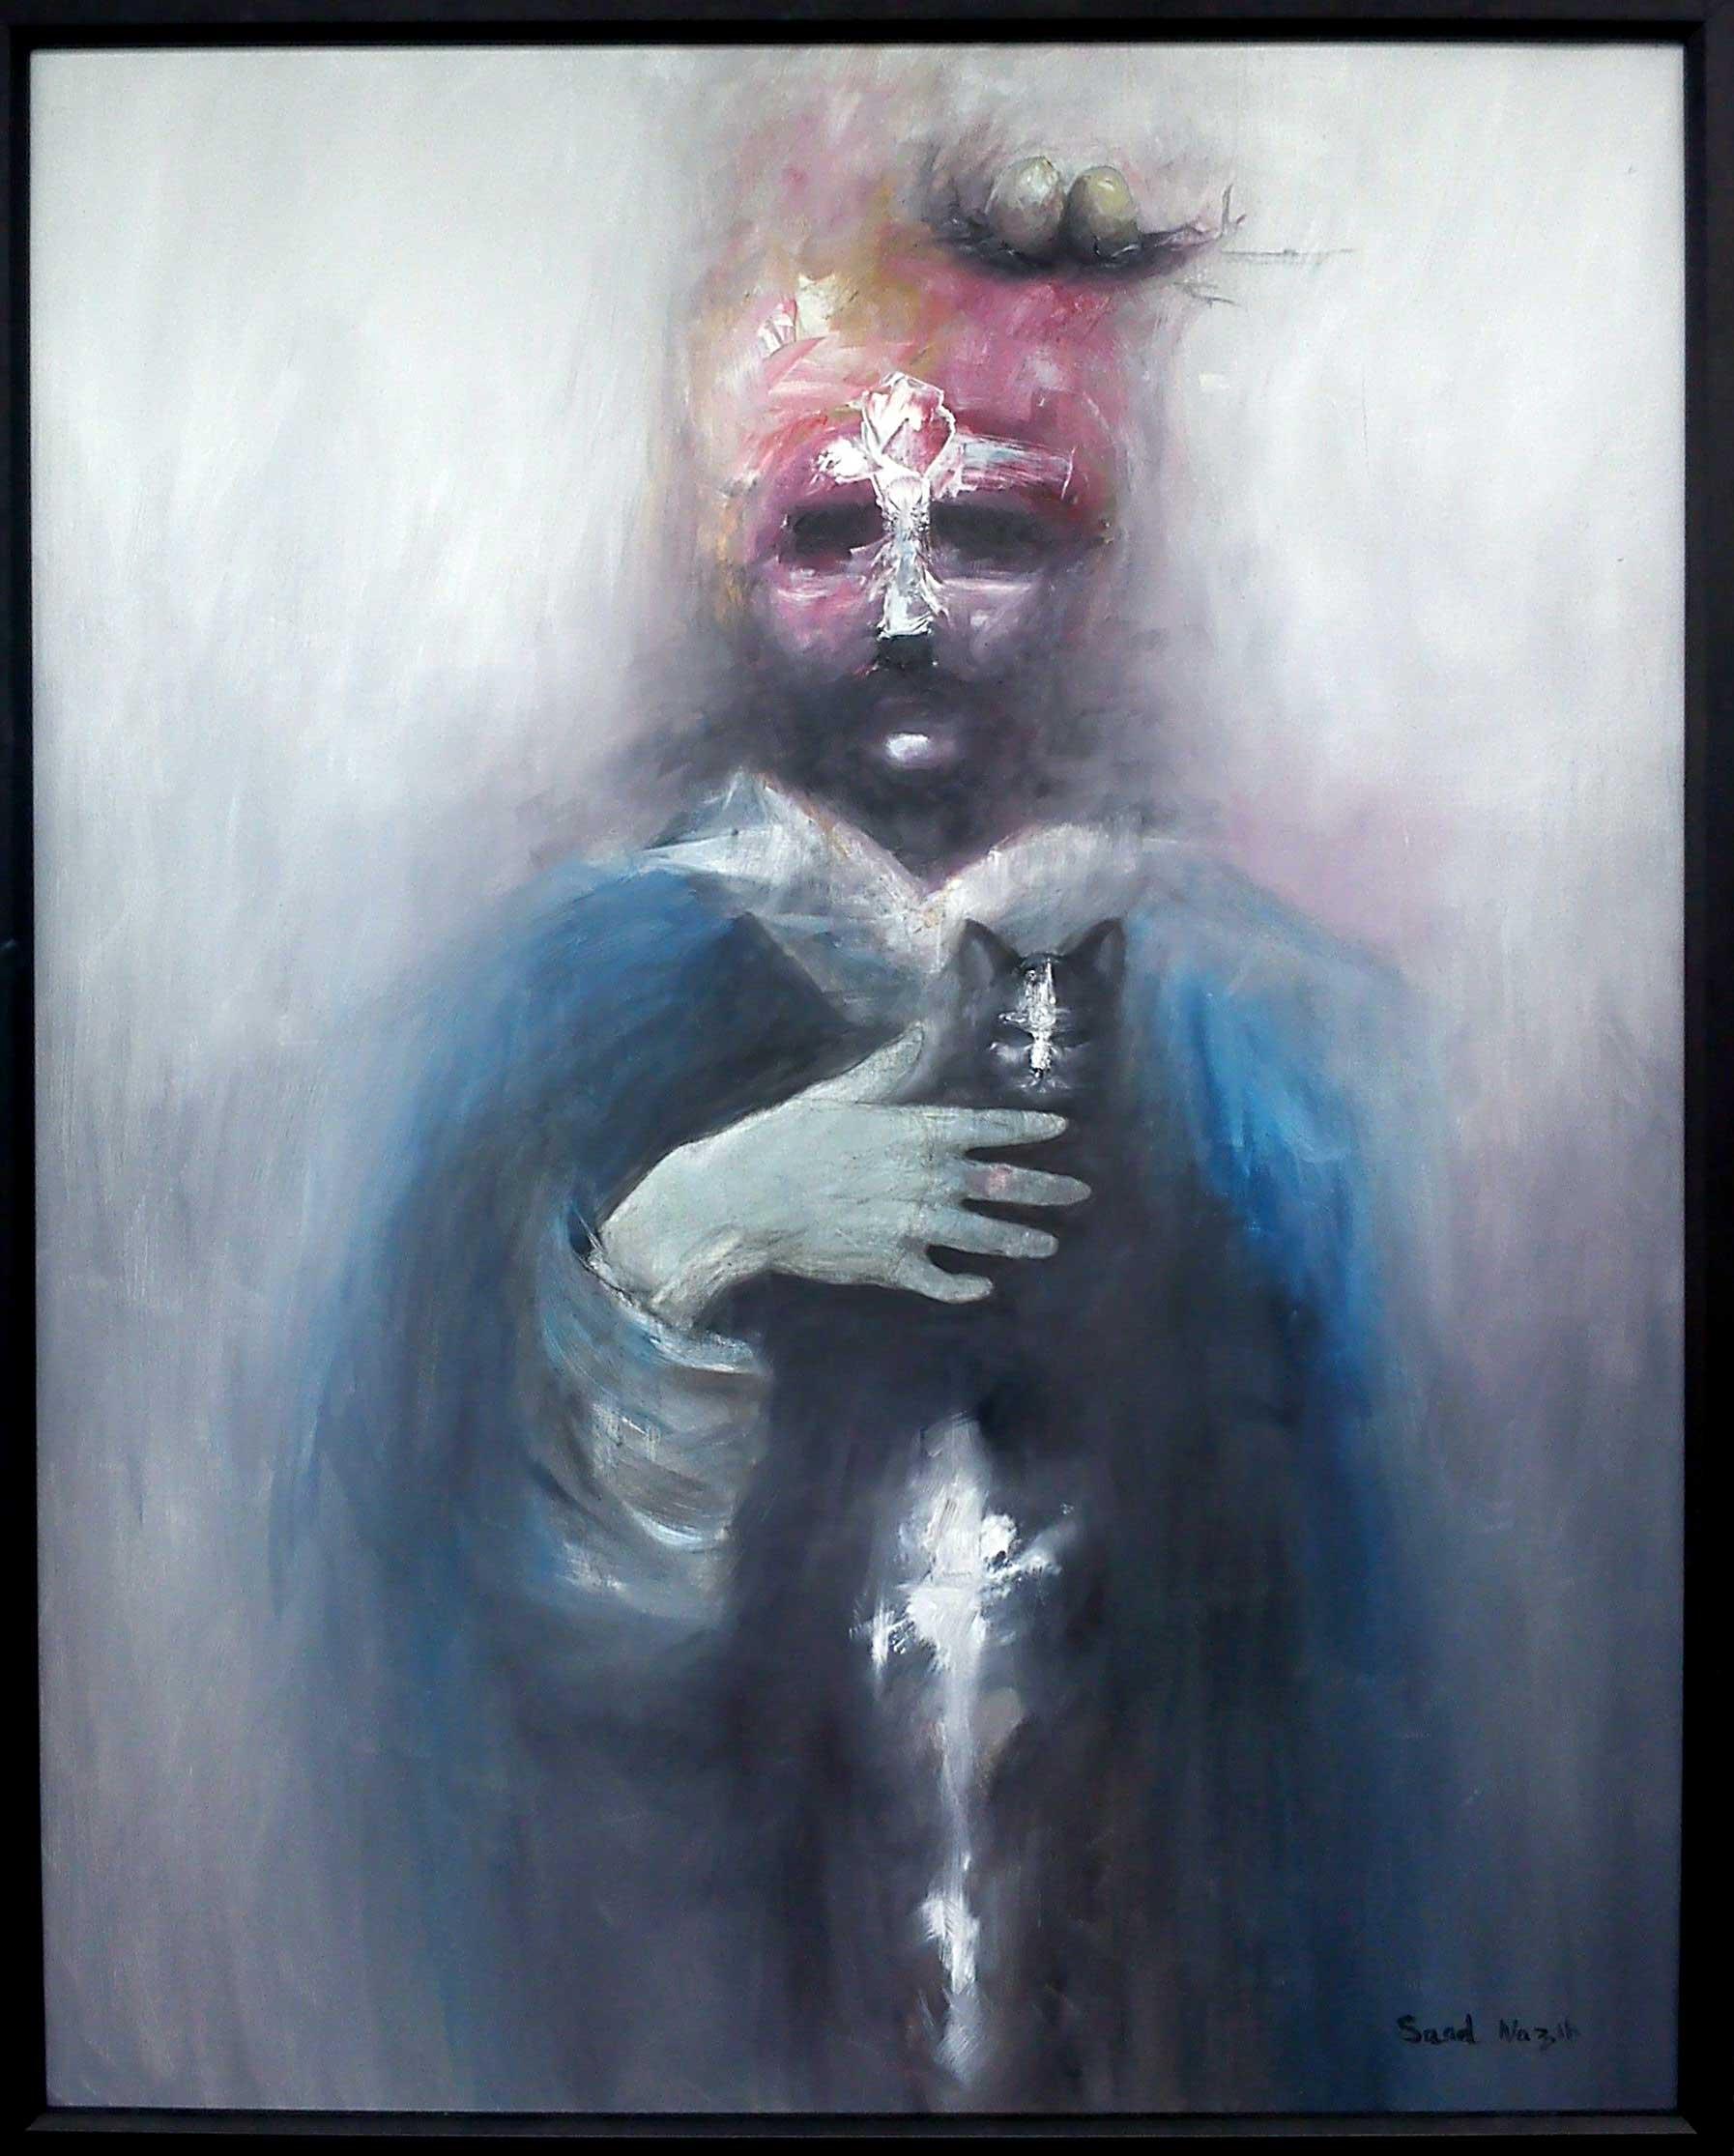 Rencontre avec soi, 2012